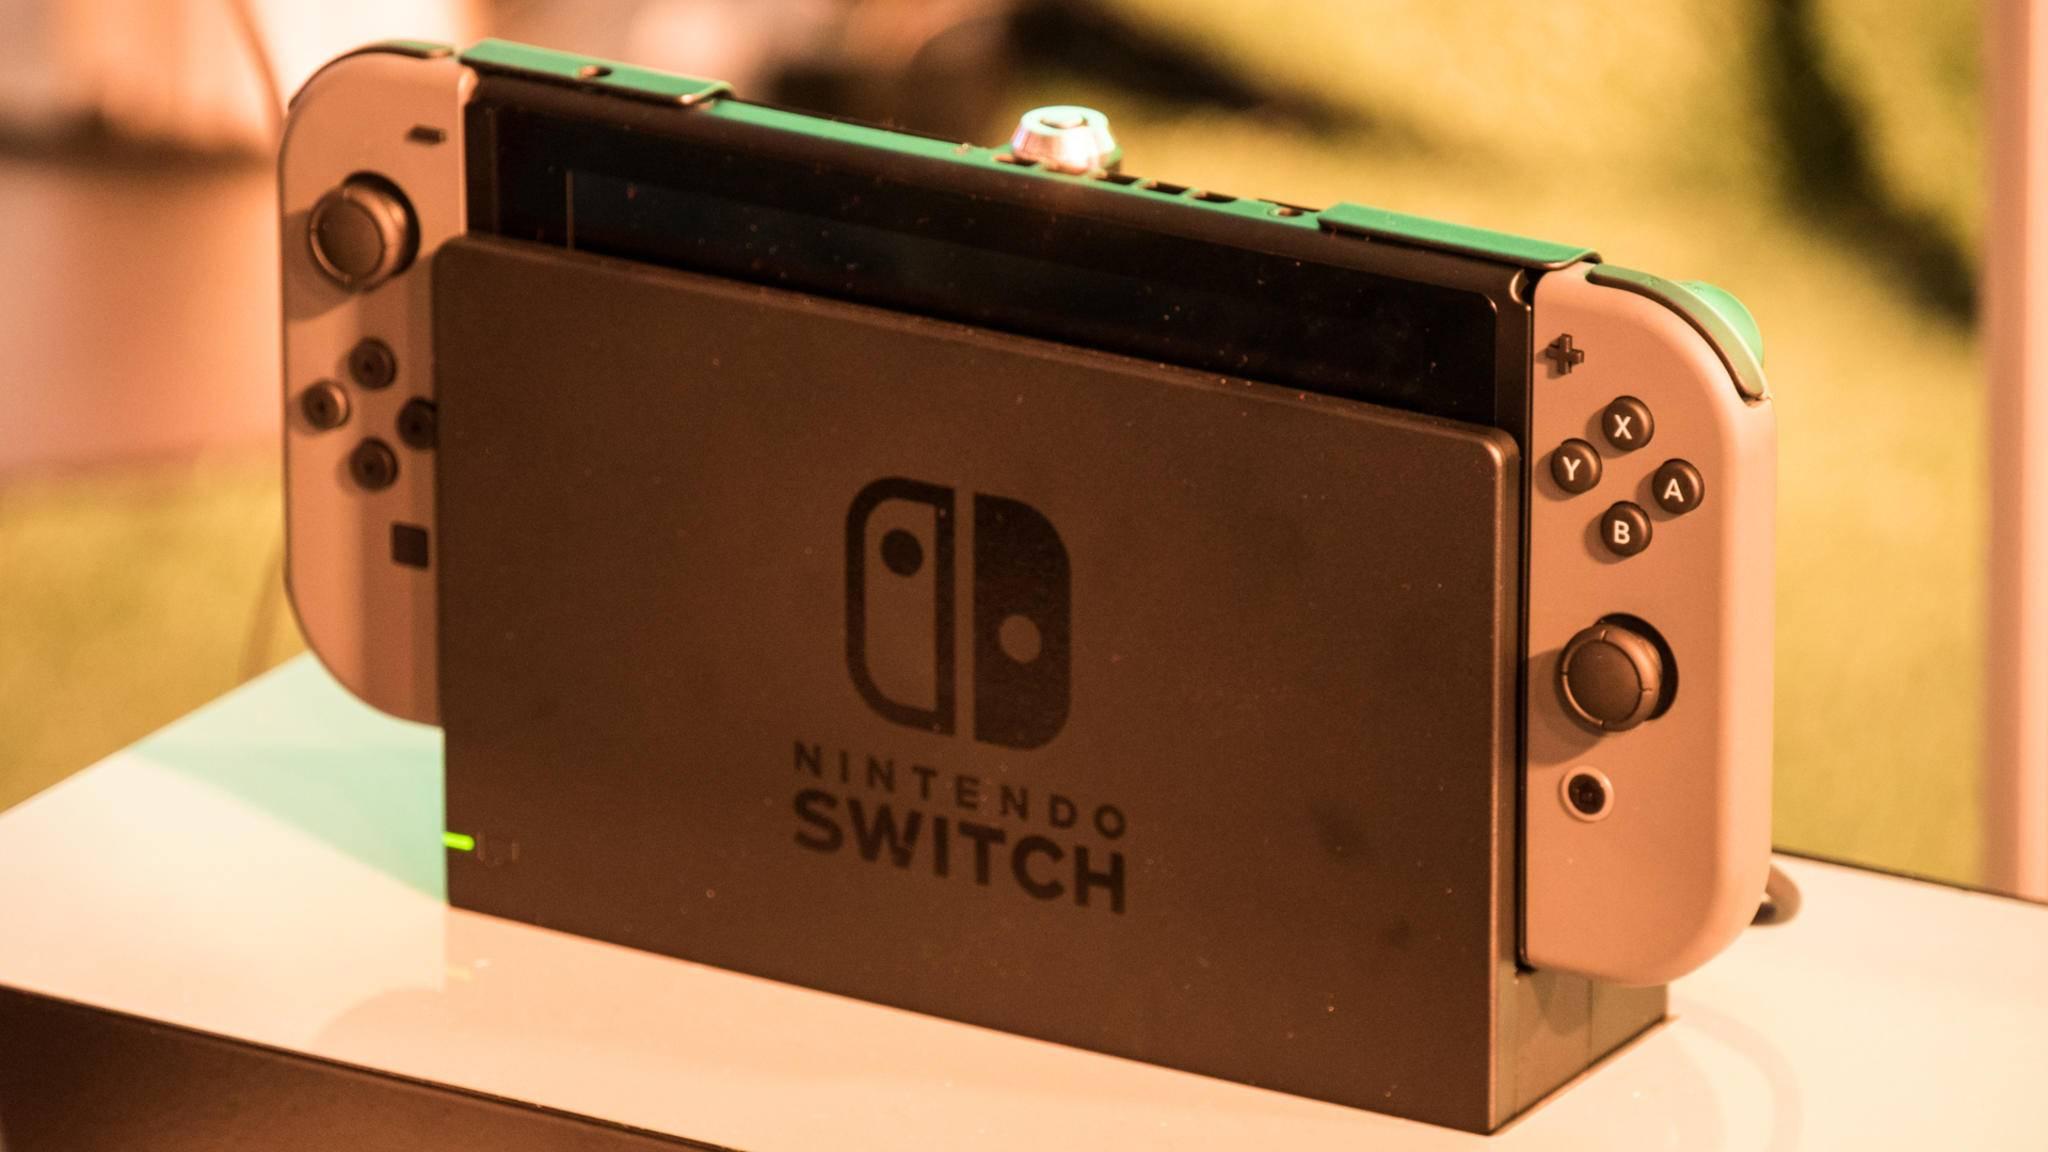 Die Nintendo Switch: Manches an der neuen Konsole nervt auch.